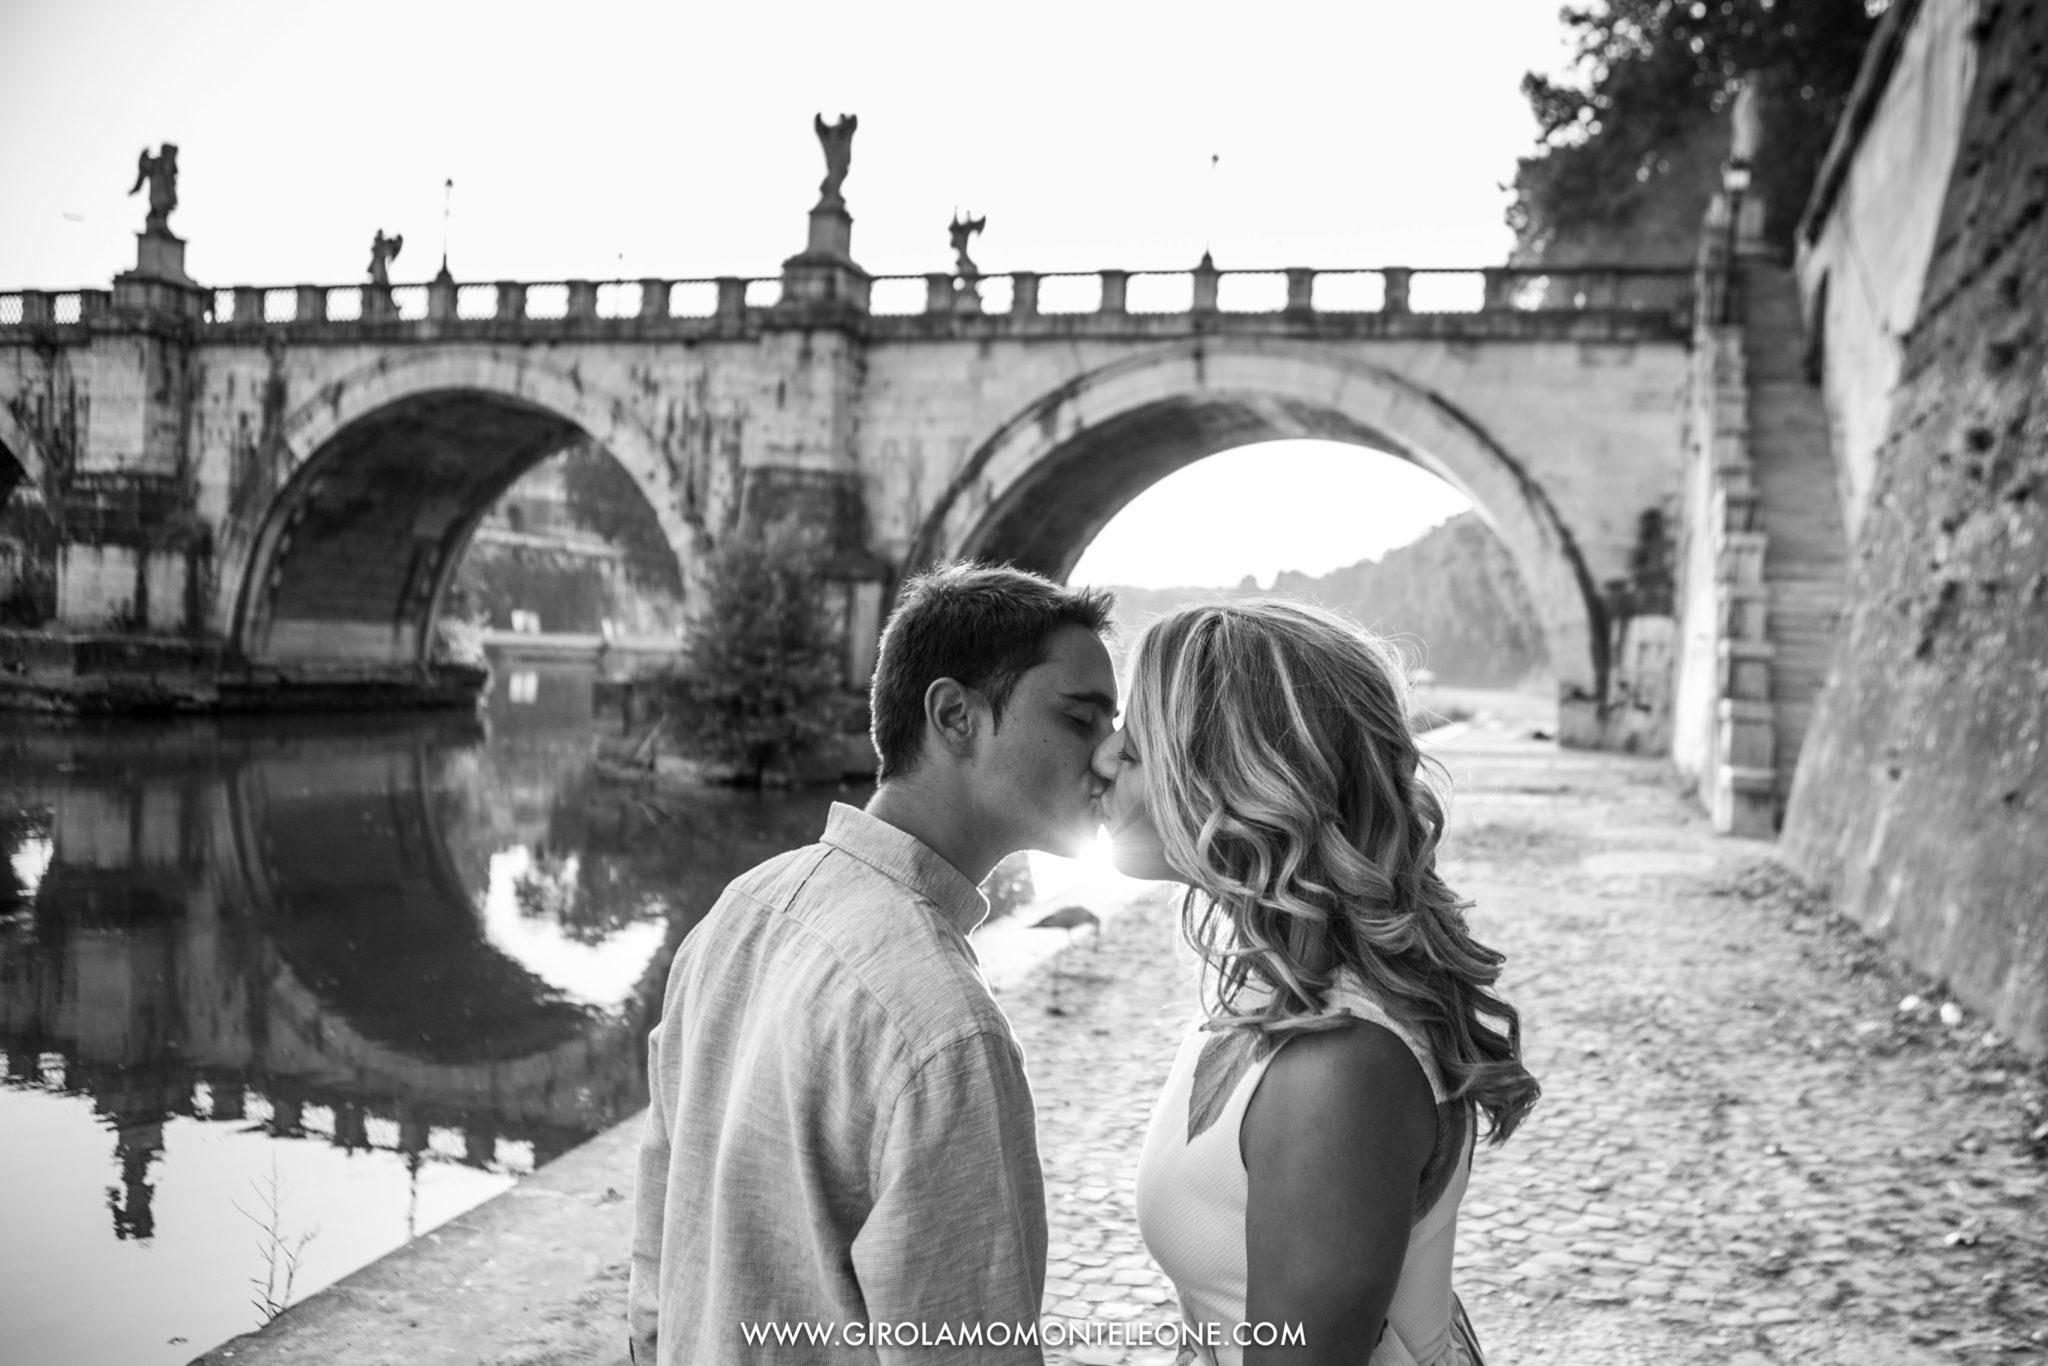 THINGS TO DO IN ROME PROFESSIONAL PHOTOGRAPHER GIROLAMO MONTELEONE www.girolamomonteleone.com -220636572078